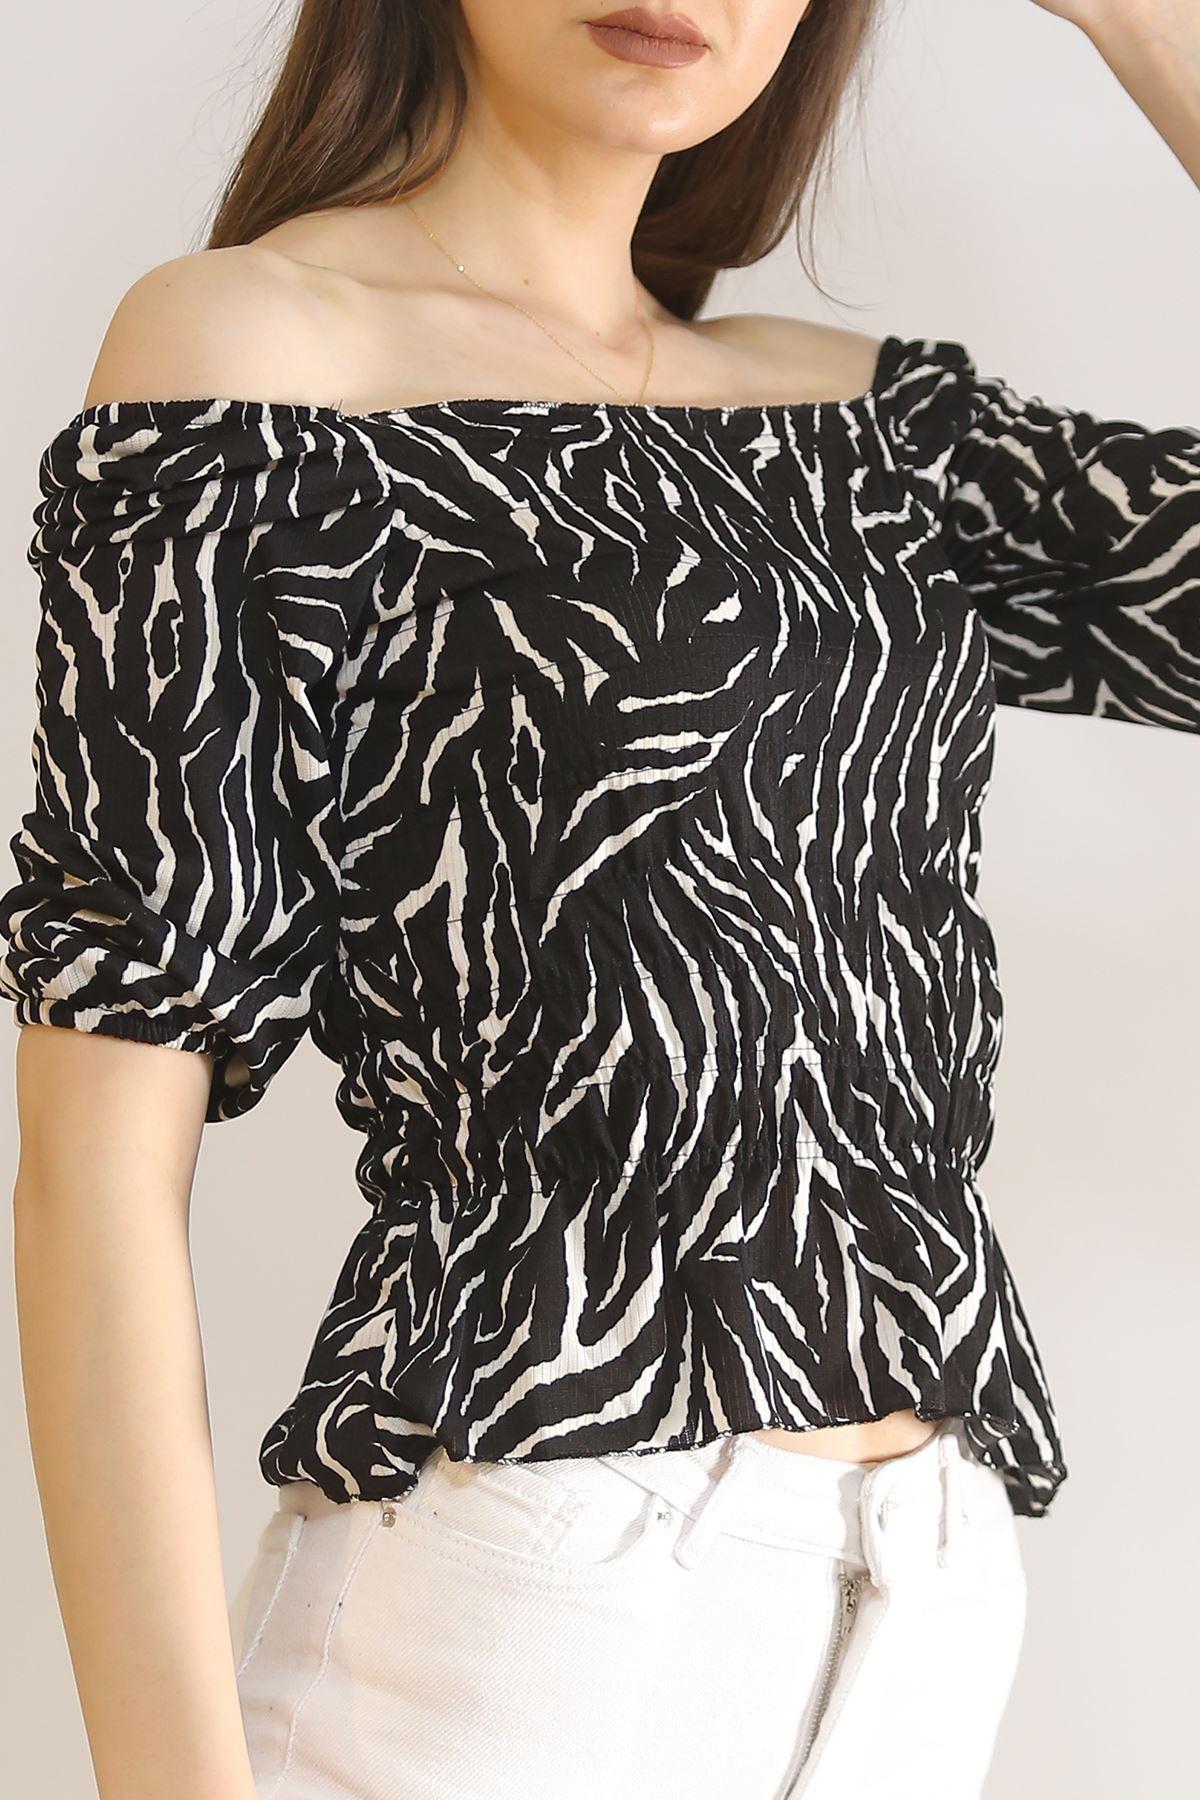 Gipeli Bluz Zebra - 5203.224.